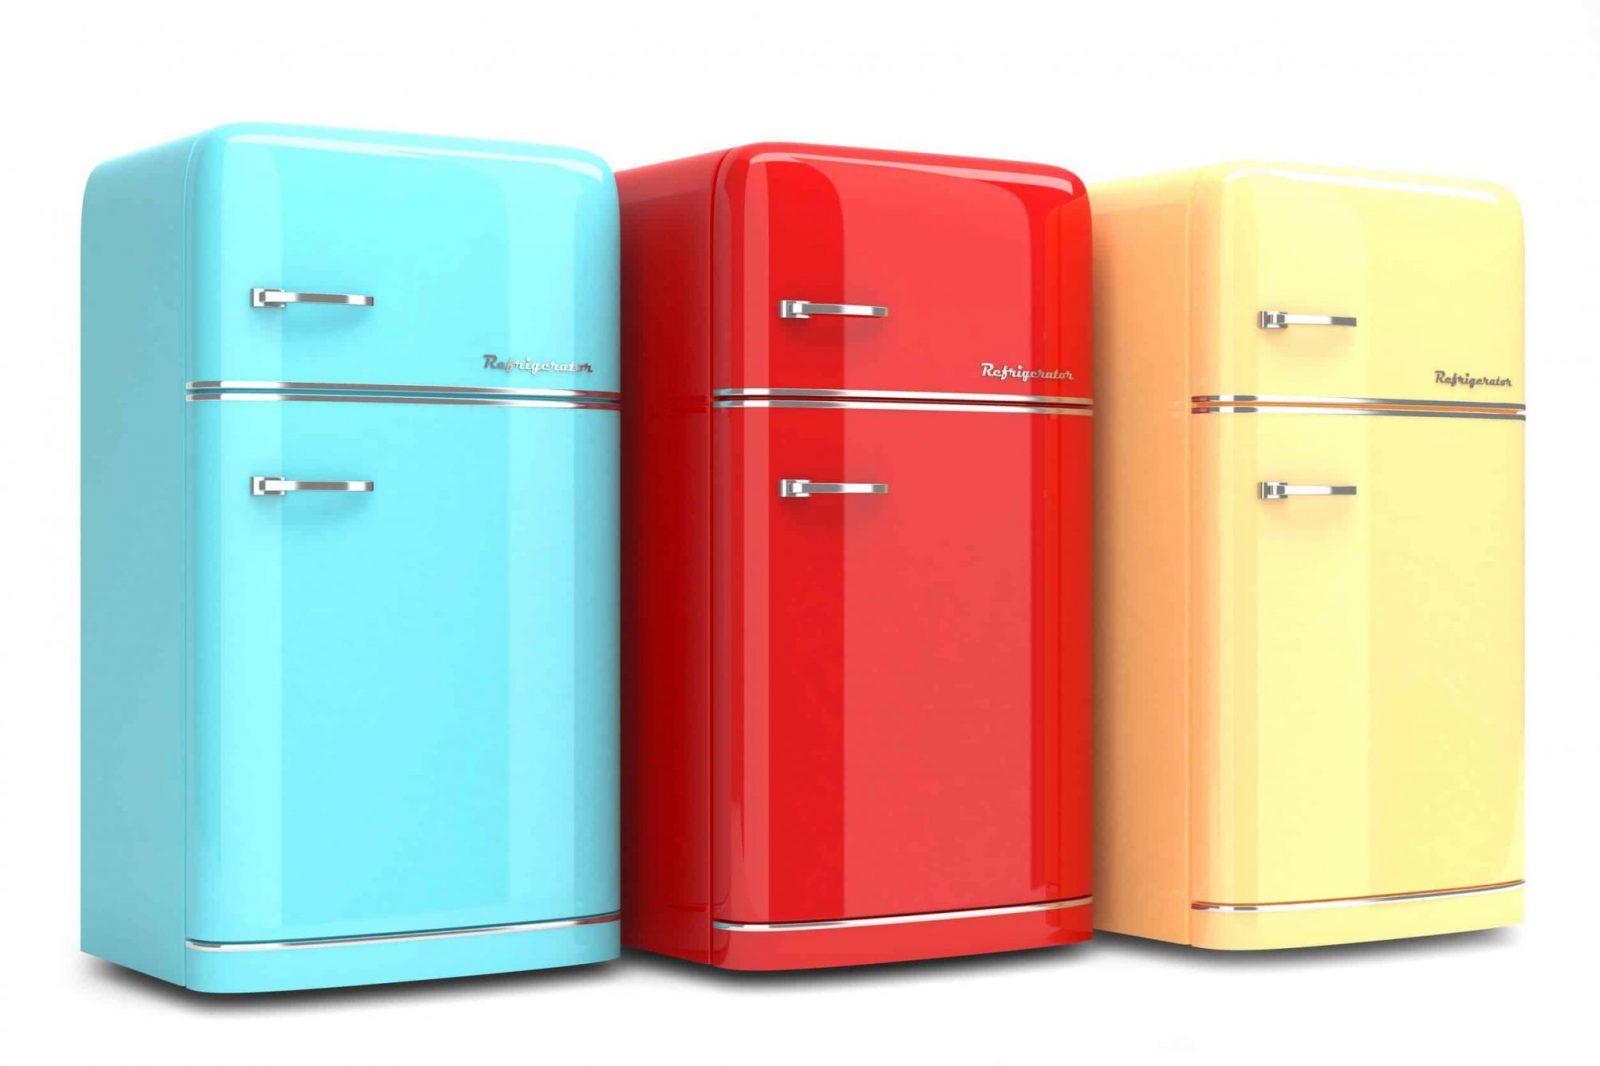 Freistehender Kühlschrank Test 2019  Die Besten Kühlschränke Im von Kühlschrank Ohne Gefrierfach Freistehend Bild